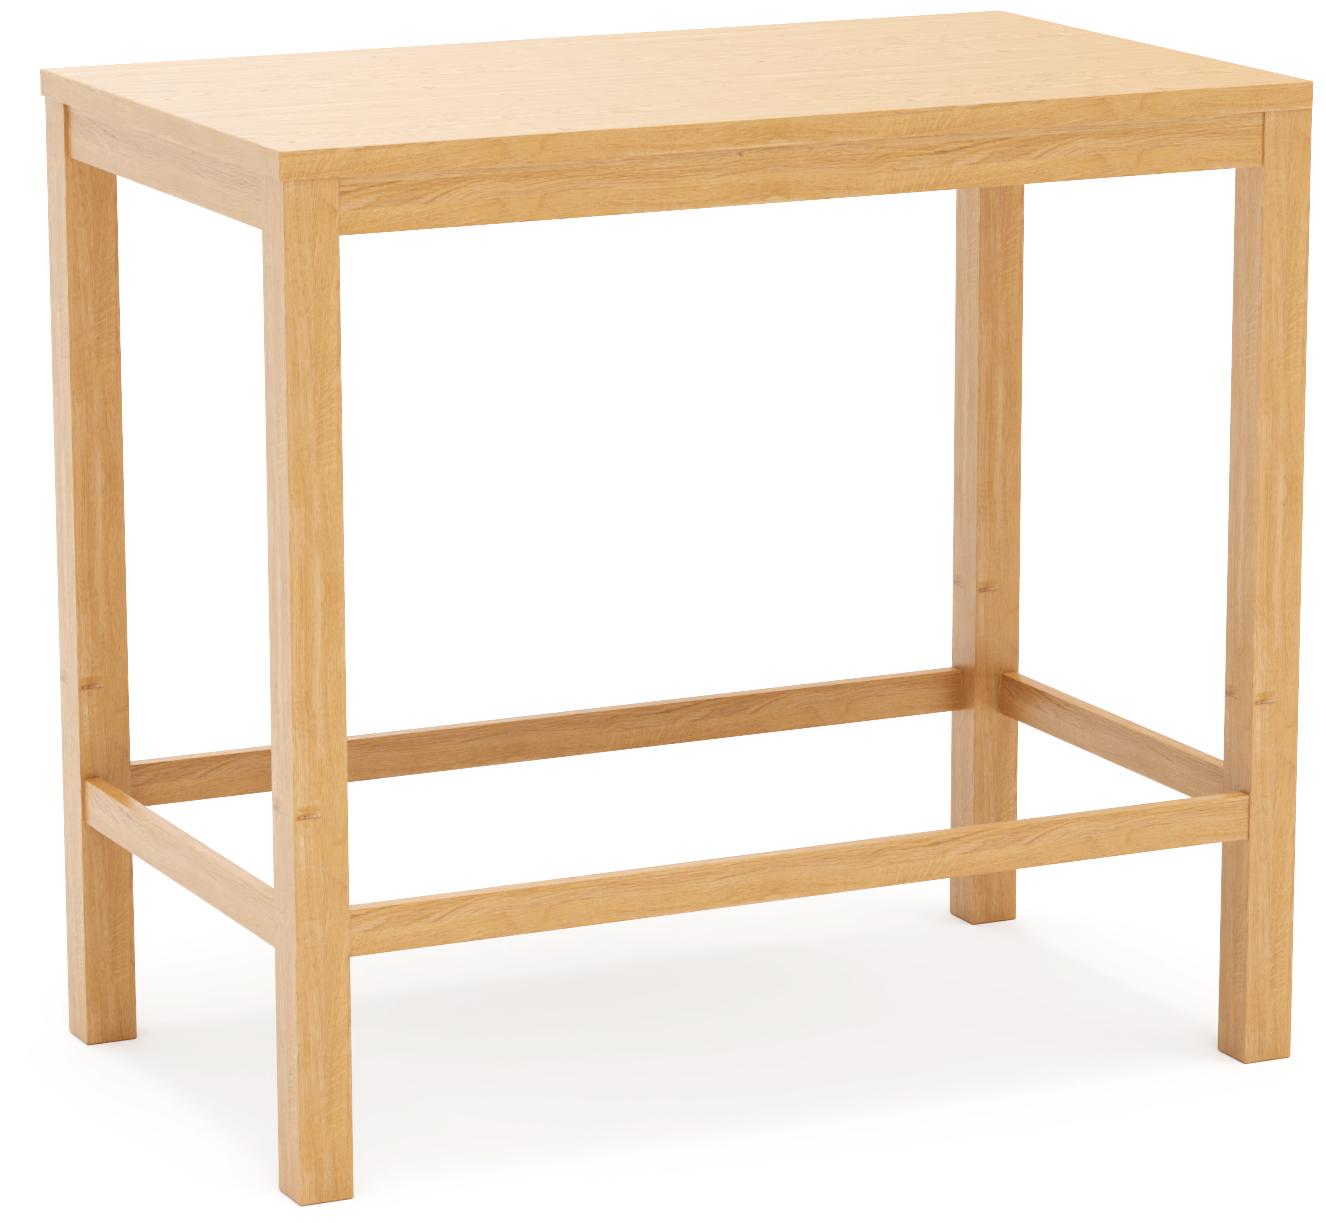 Abbildung high table Wulf06 Schrägansicht